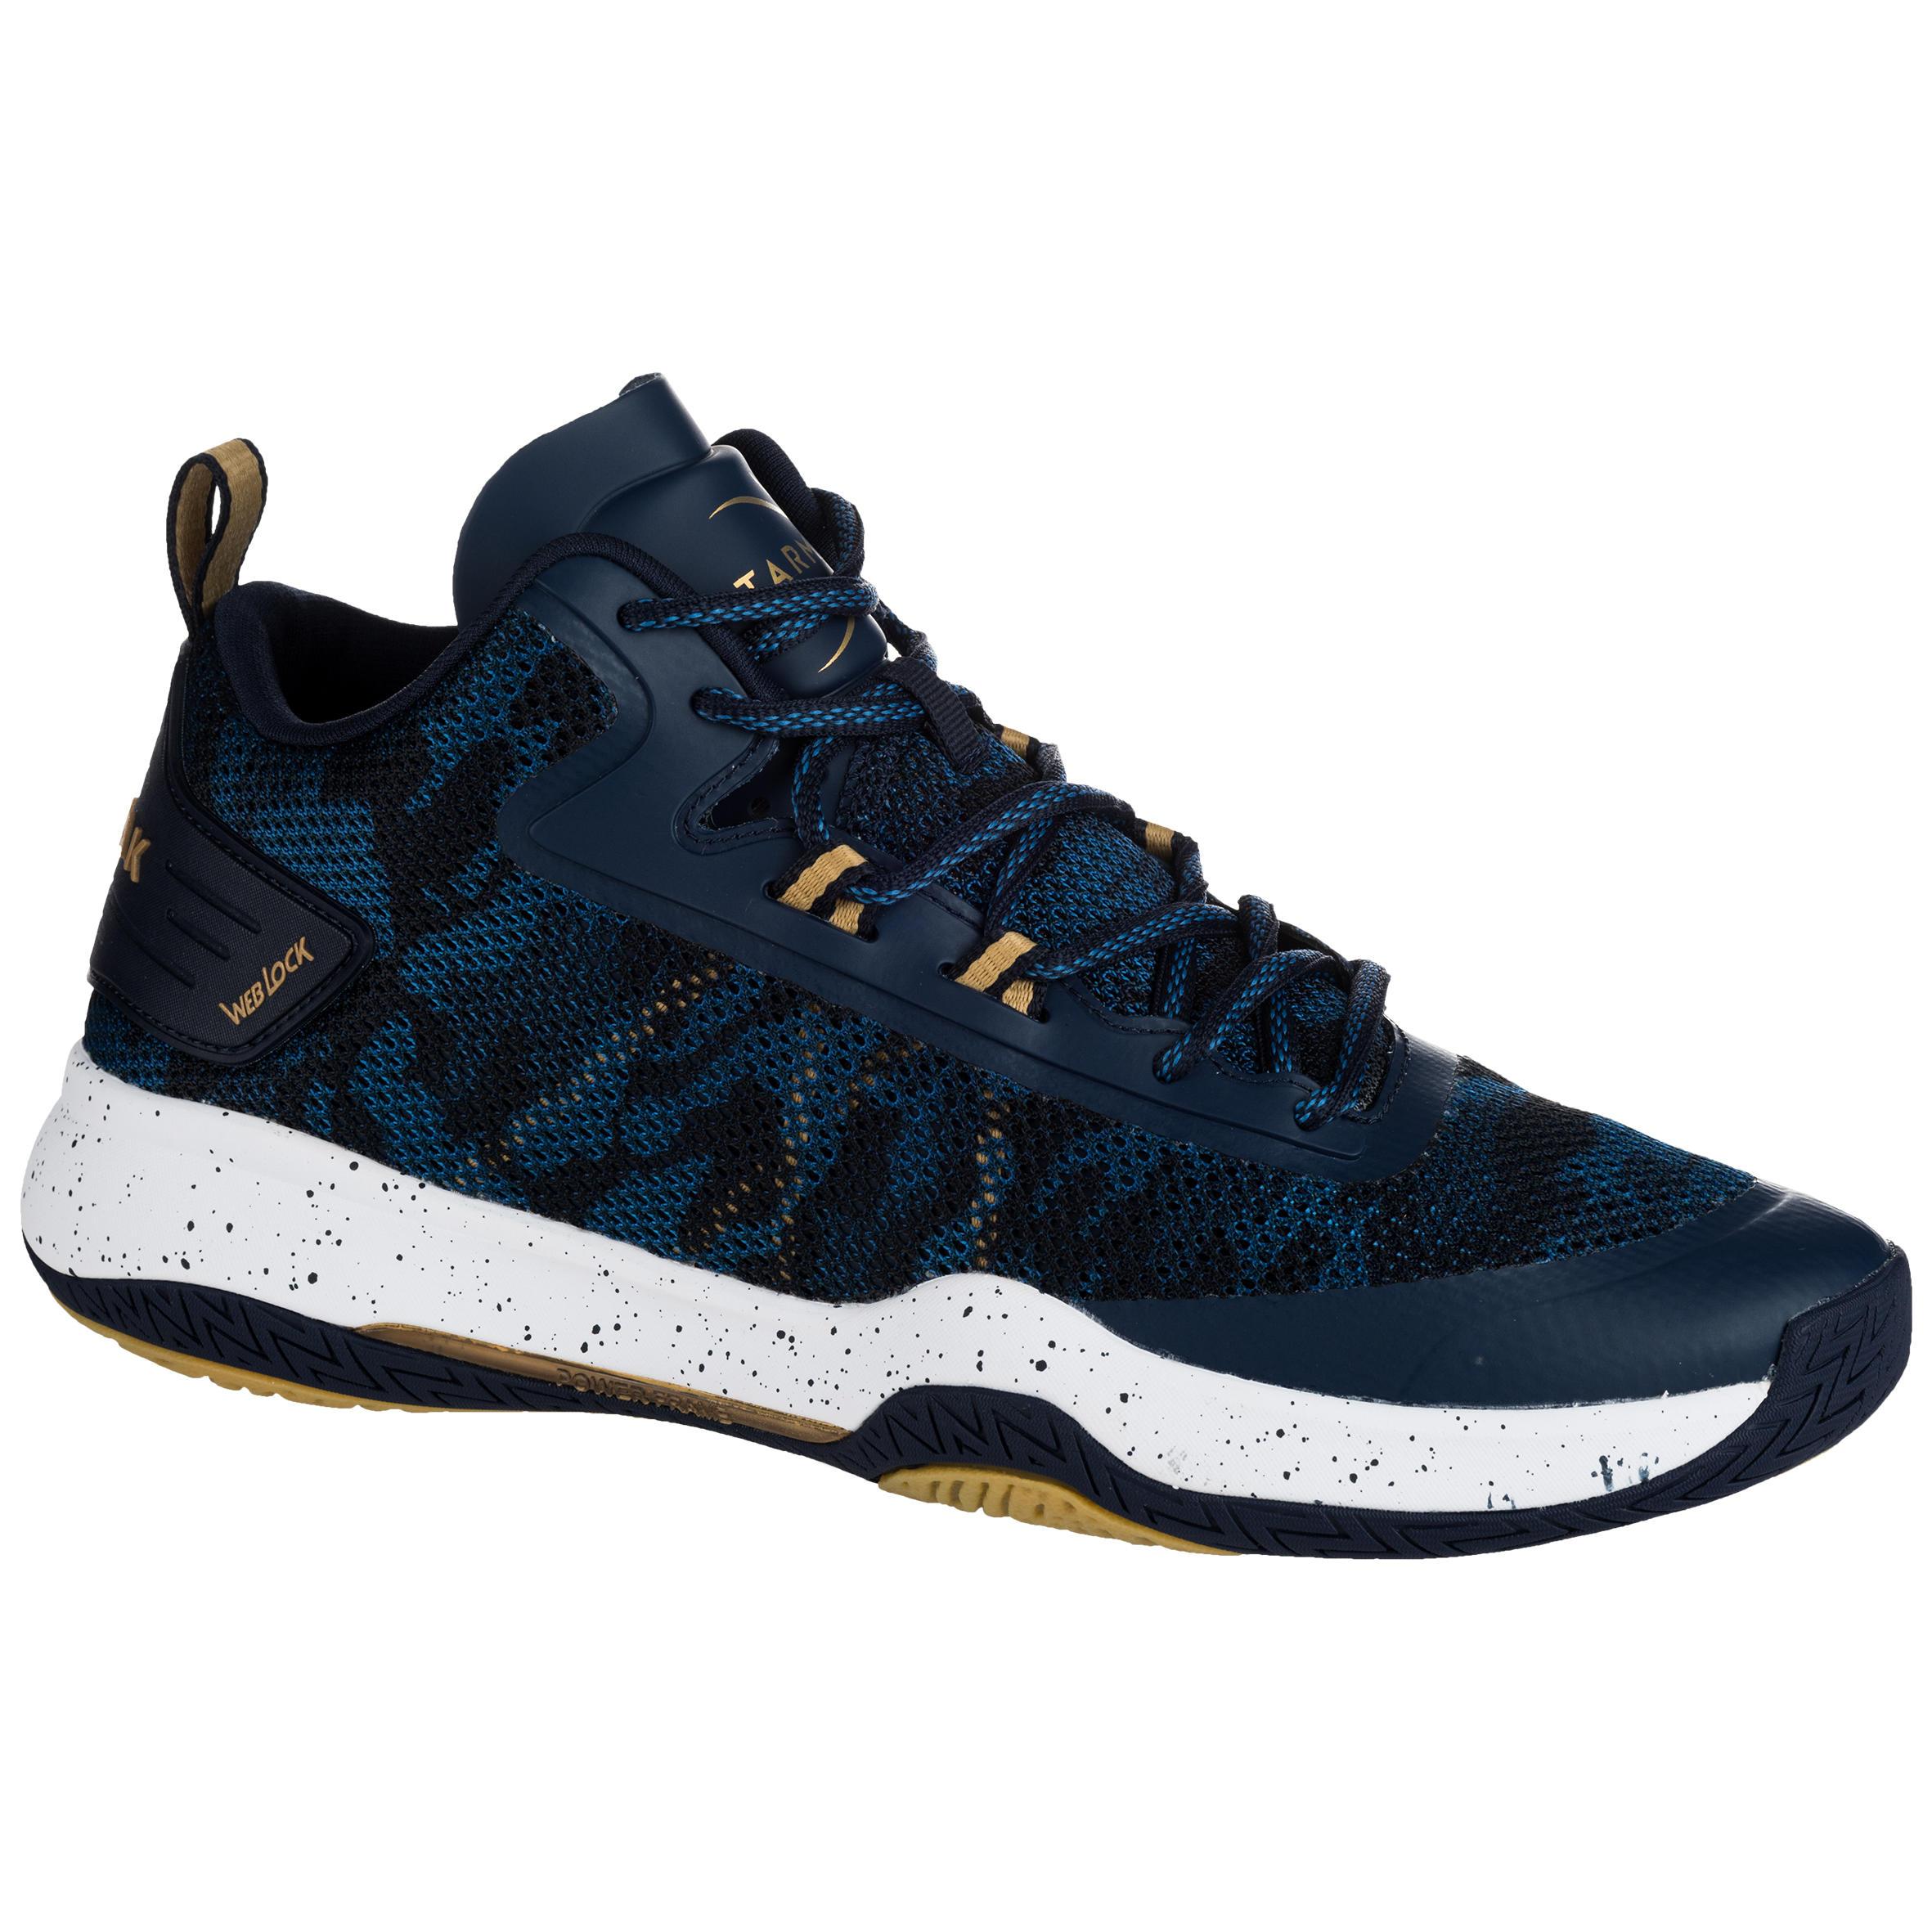 Tarmak Basketbalschoenen volwassenen H/D gevorderden SC 500 Mid blauw goud